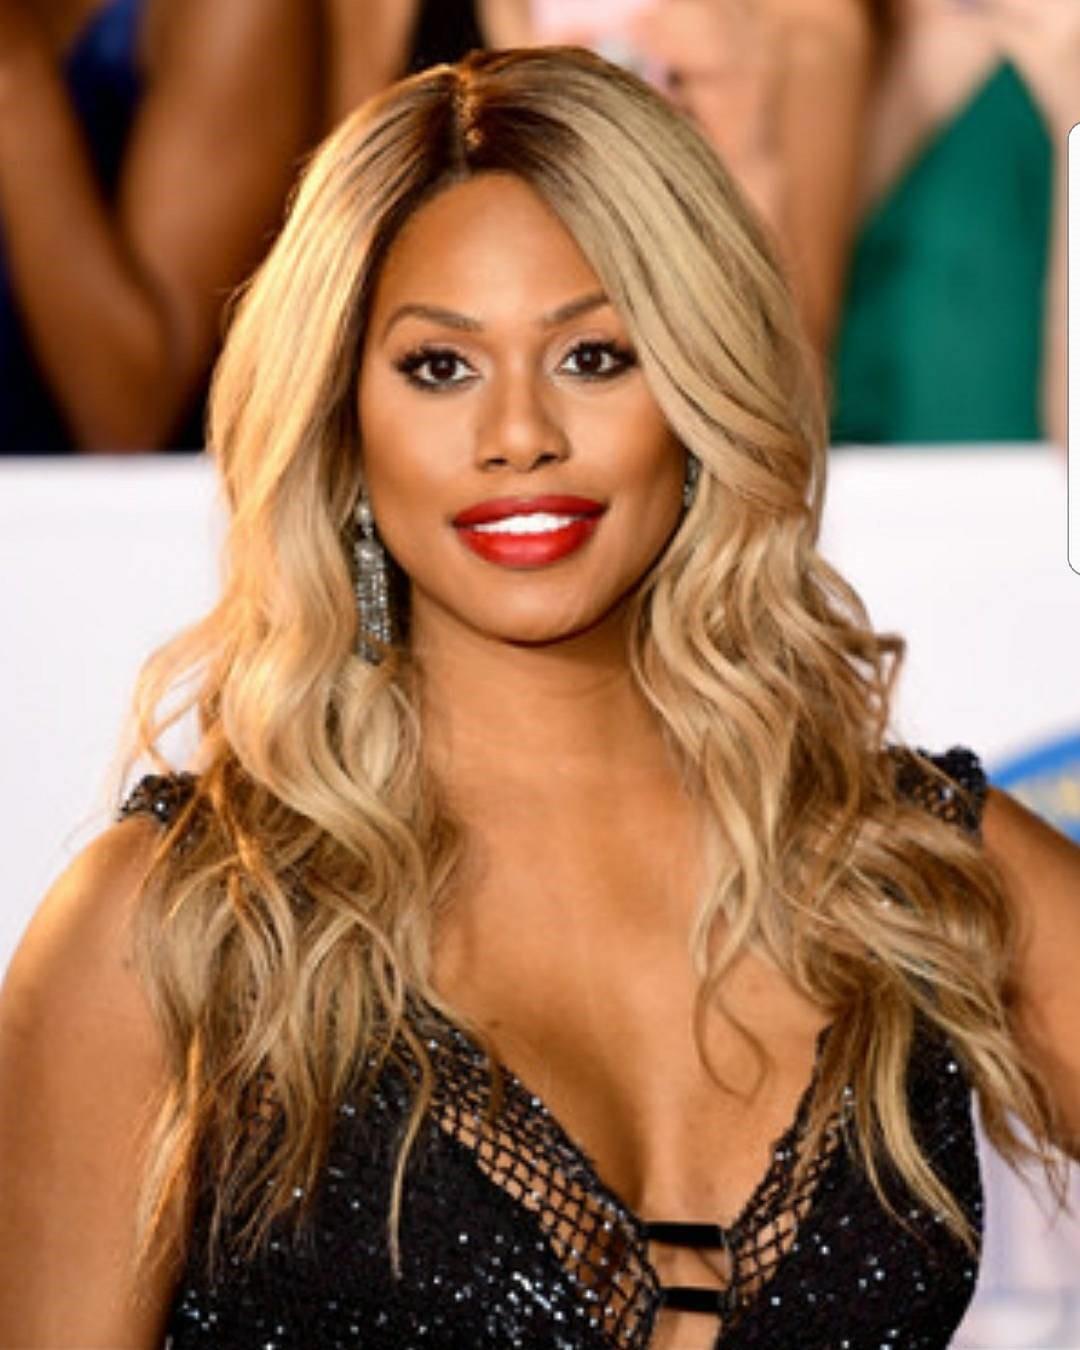 Топ красивых женщин мира по версии People